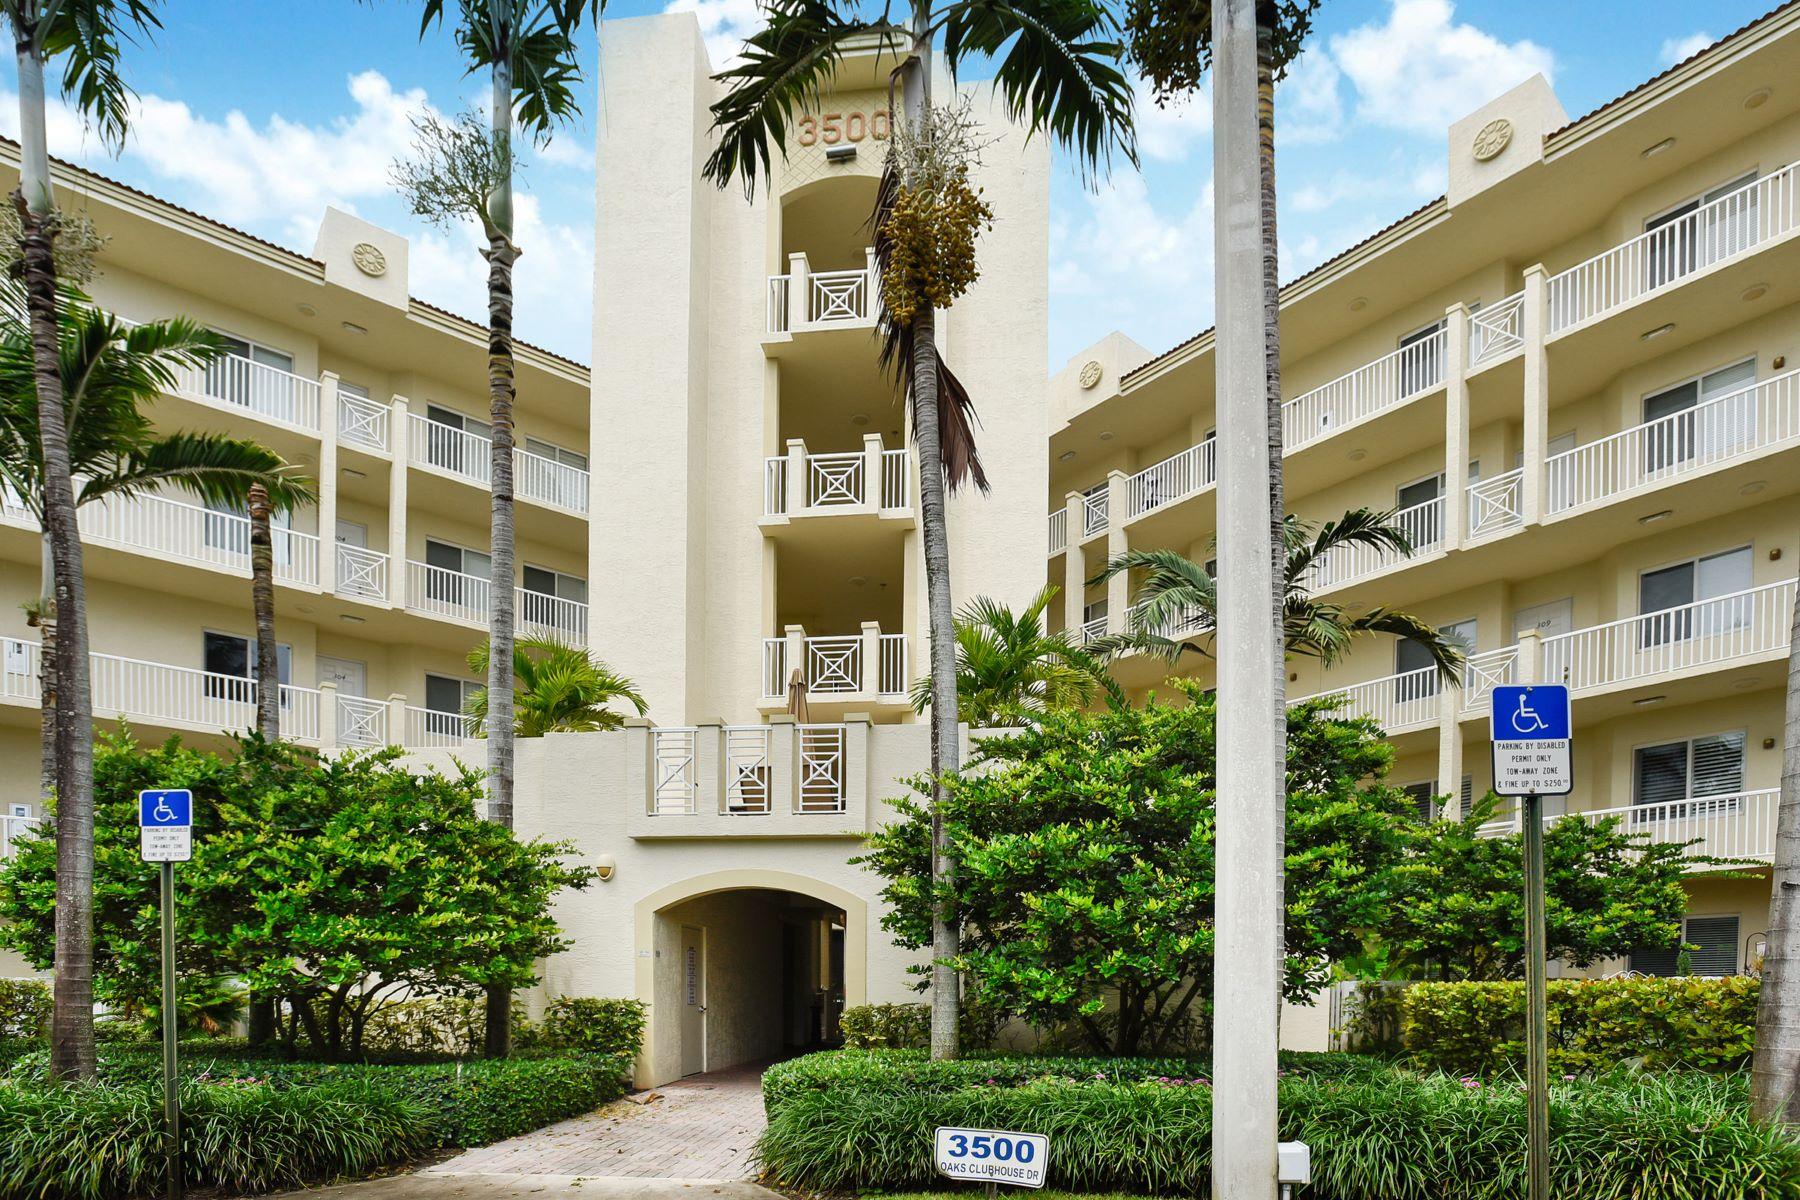 Andelslägenhet för Försäljning vid 3500 Oaks Clubhouse Dr 3500 Oaks Clubhouse Dr 506 Pompano Beach, Florida 33069 Usa